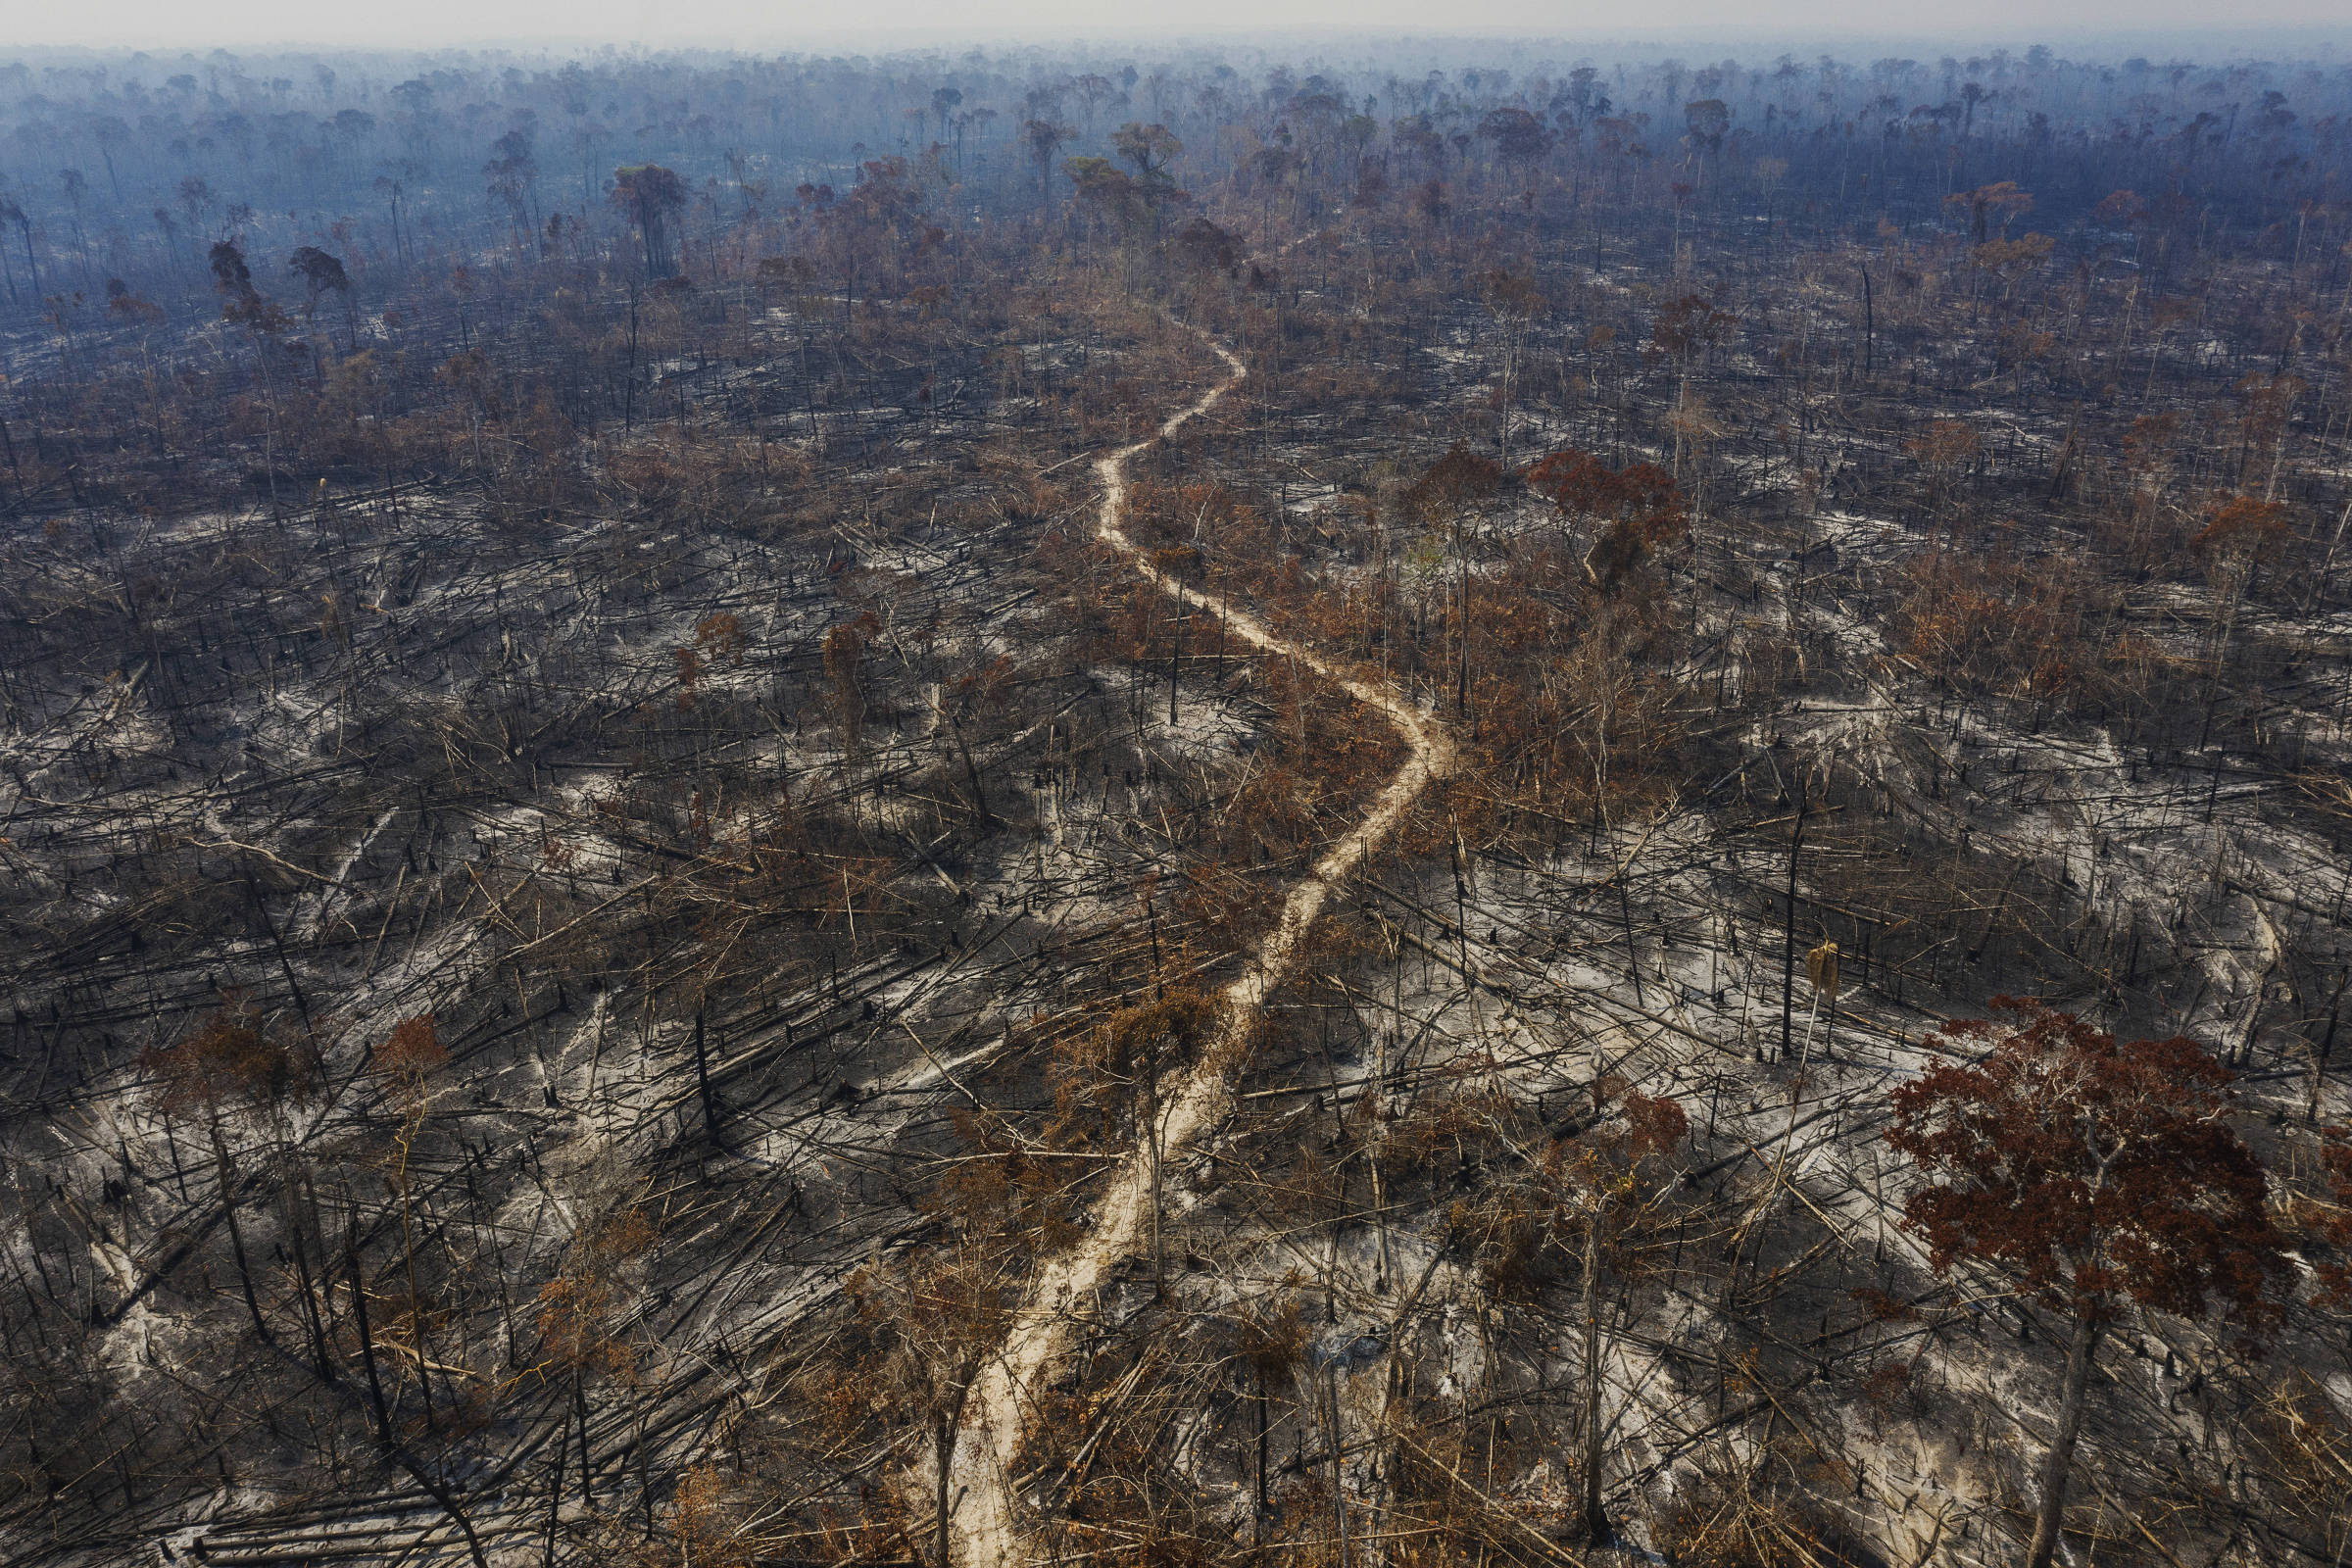 Estrada serpenteia em meio a terra queimadas com árvores caídas